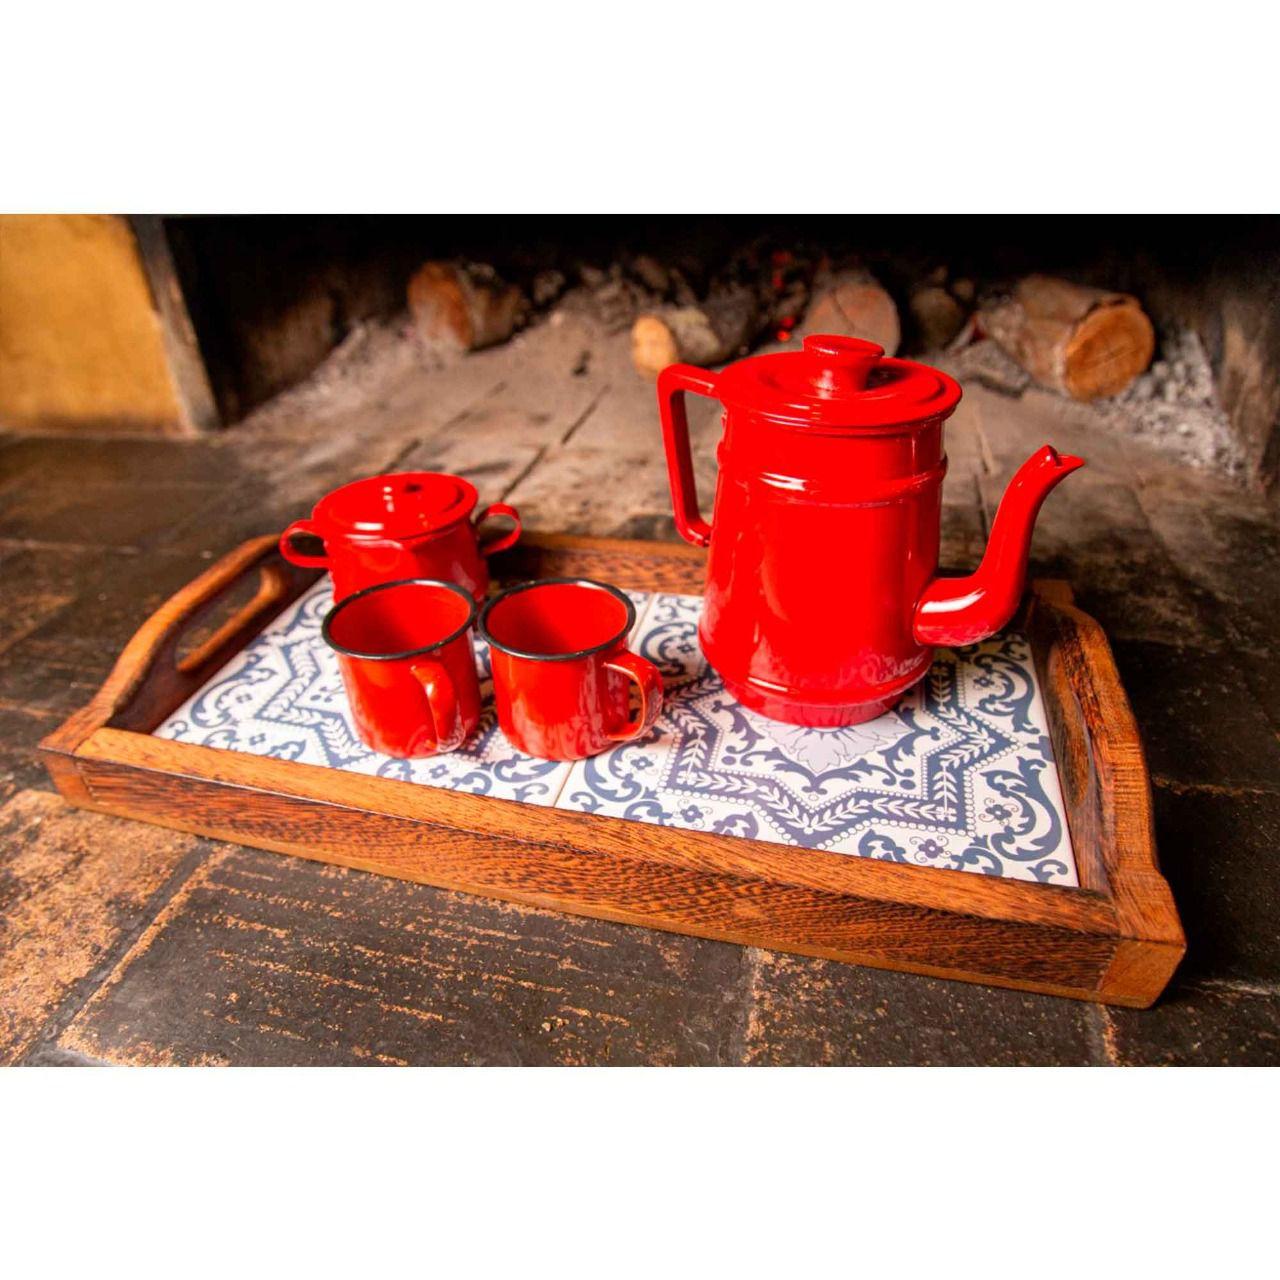 Kit bandeja, bule 1 litro e canecas vermelhas e açucareiro